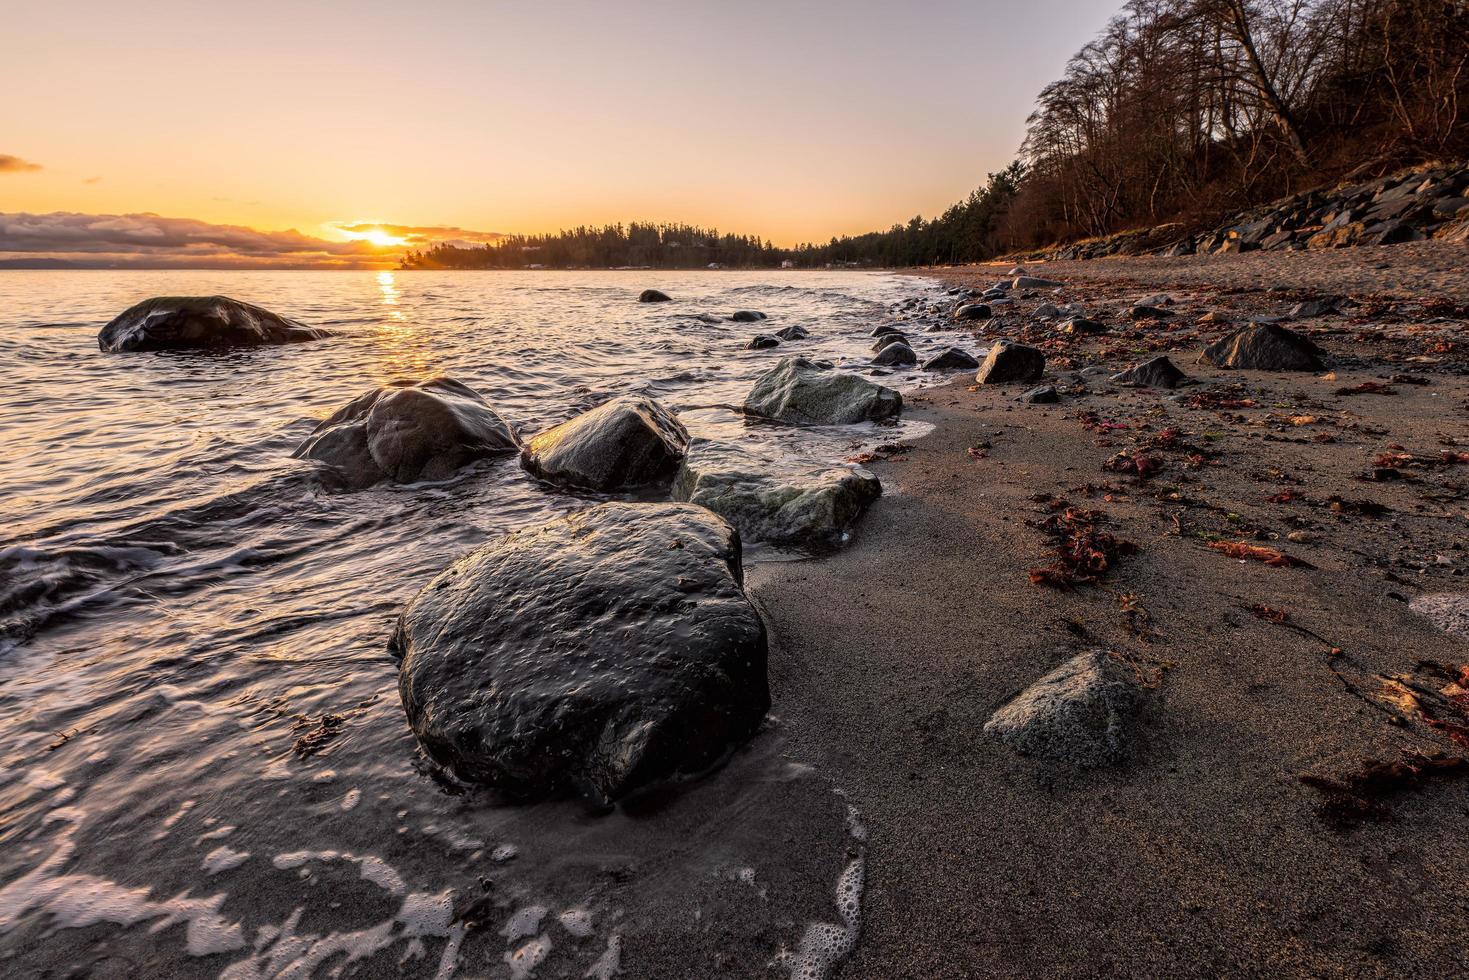 grå stenar på havsstranden under solnedgången foto